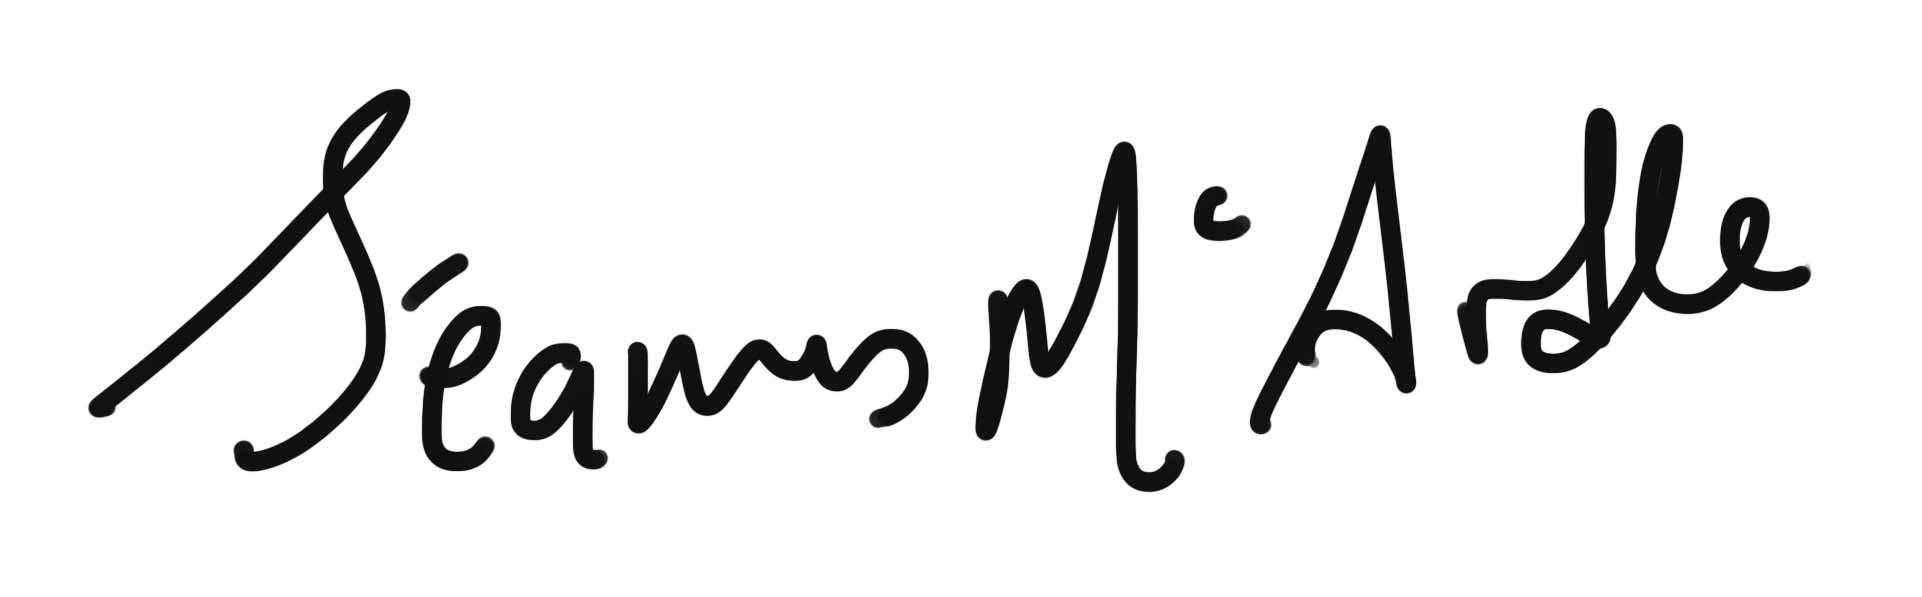 Seamus Mc Ardle Signature